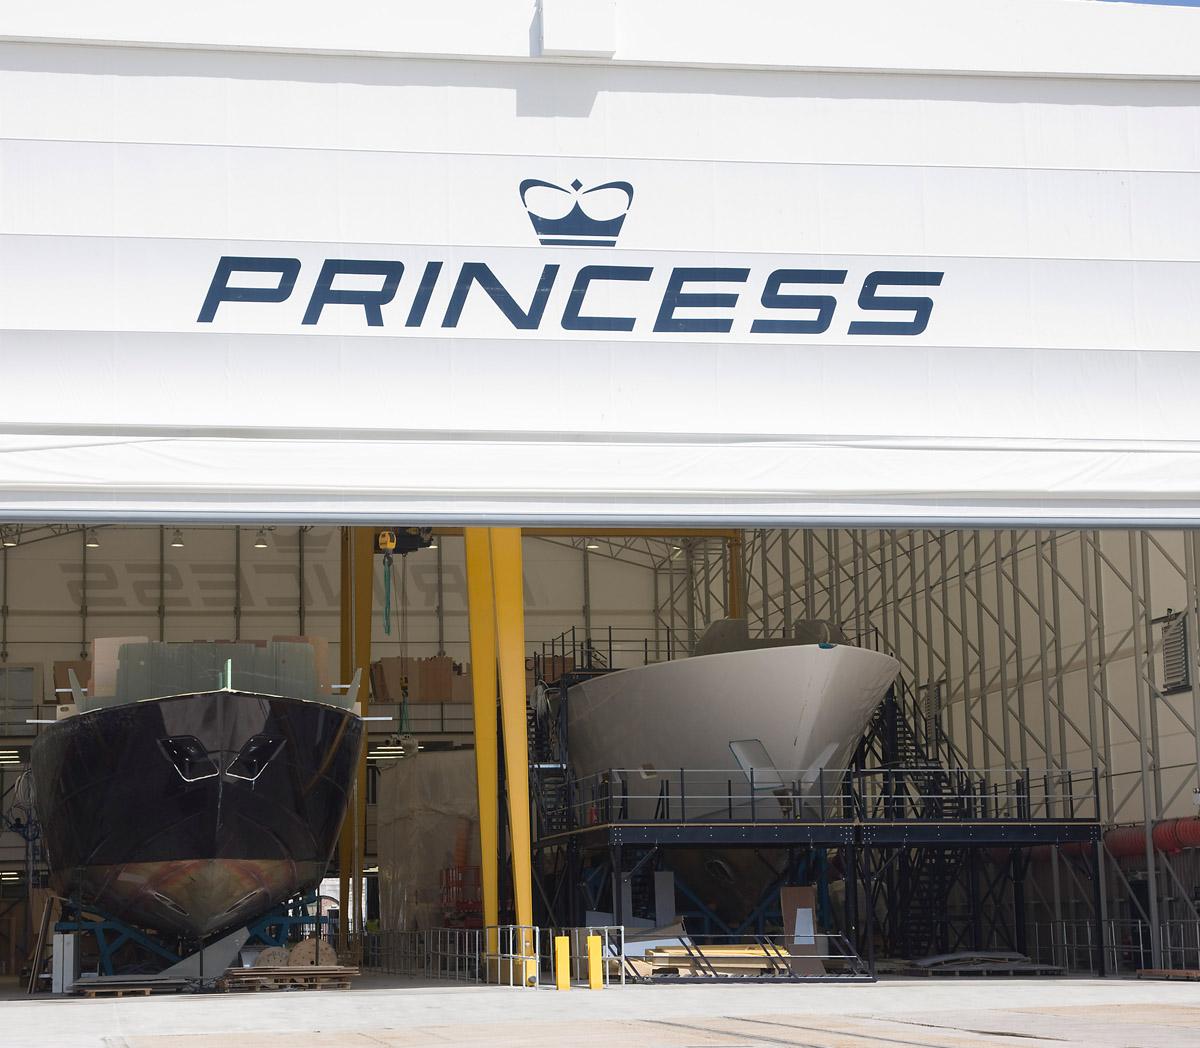 Princess Yachts manufacturing facility